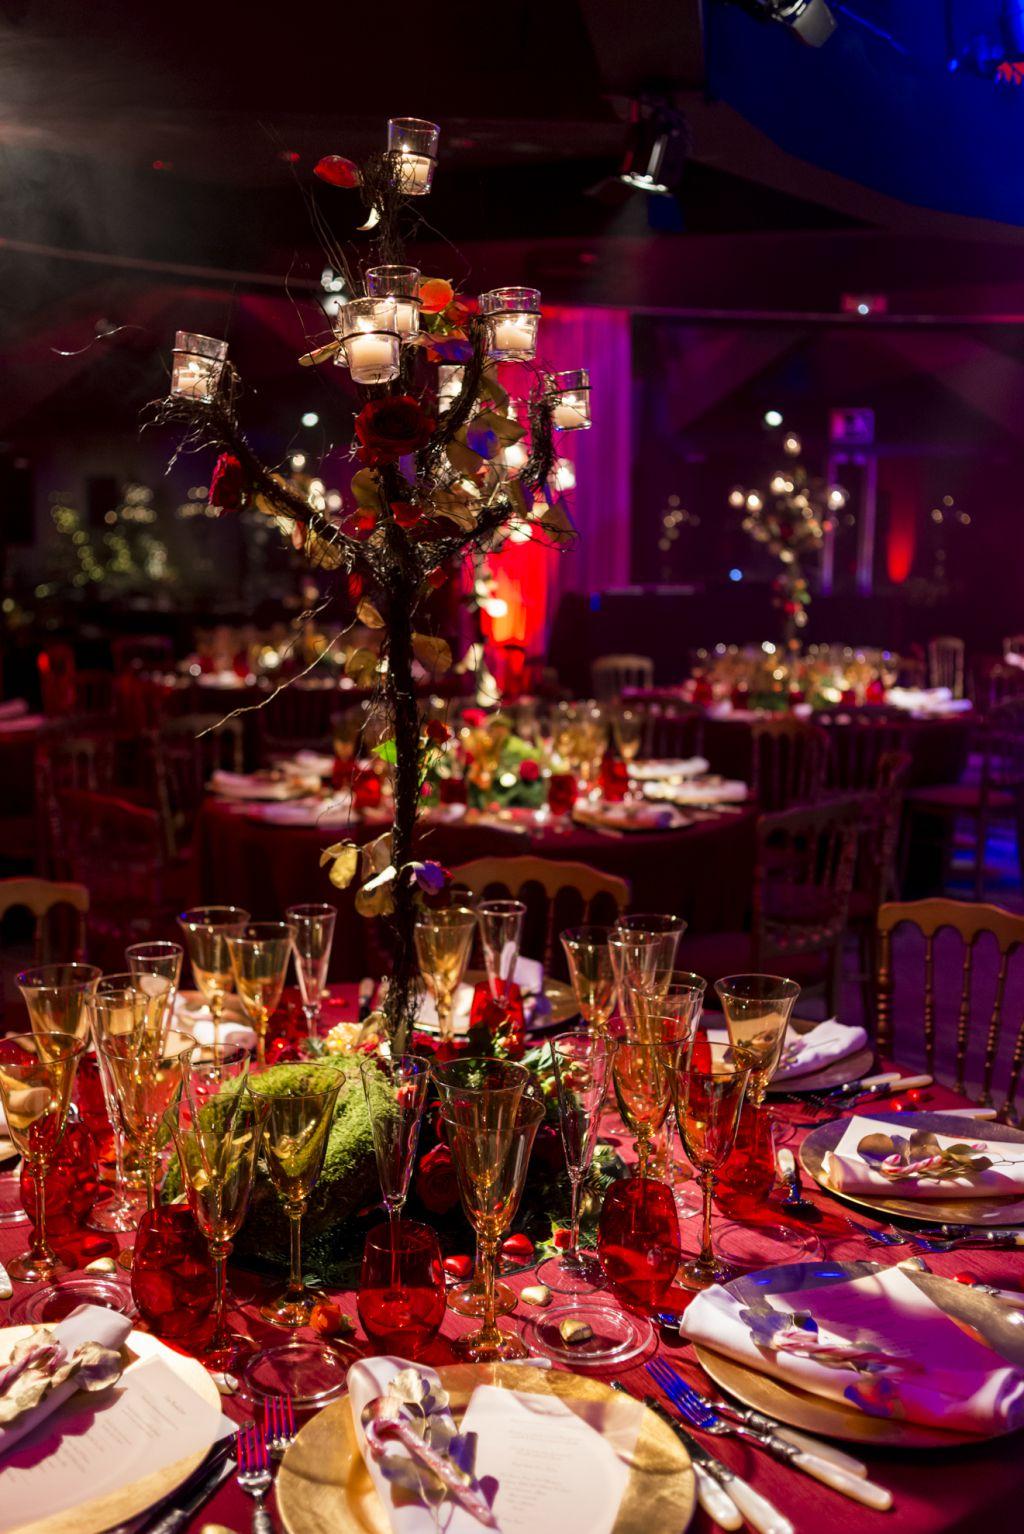 Organizaci n de una cena de navidad con show en barcelona - Cenas para navidad 2015 ...